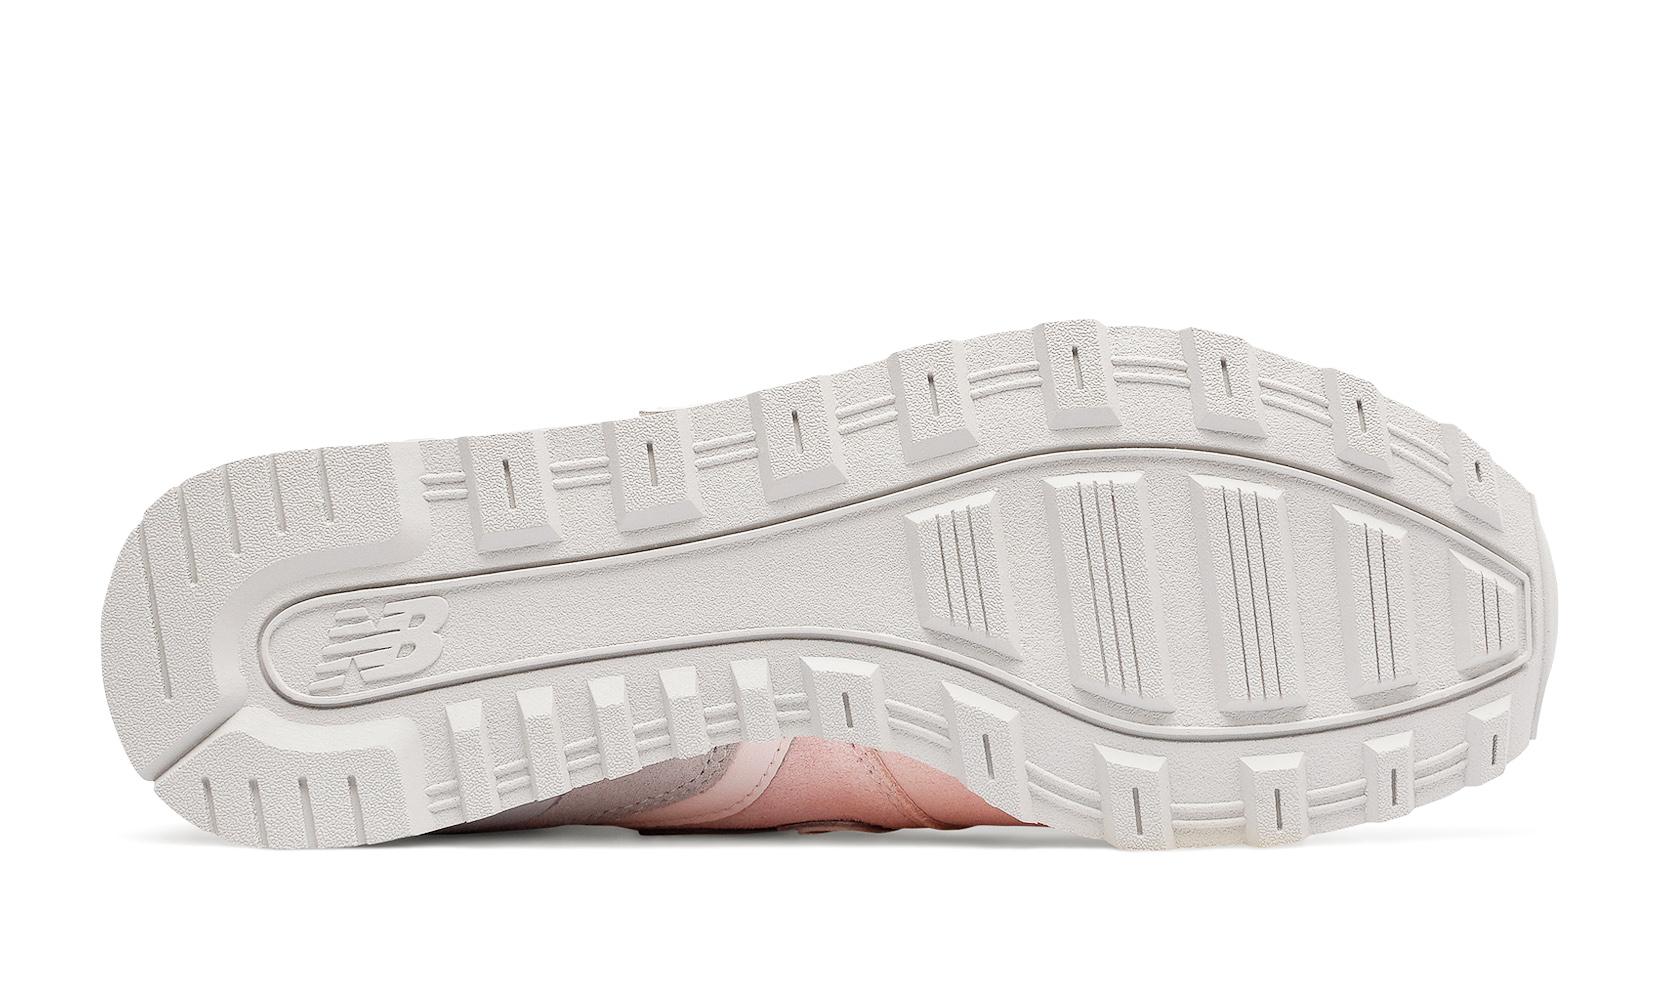 Жіноче взуття повсякденне New Balance 996 WR996STG | New Balance